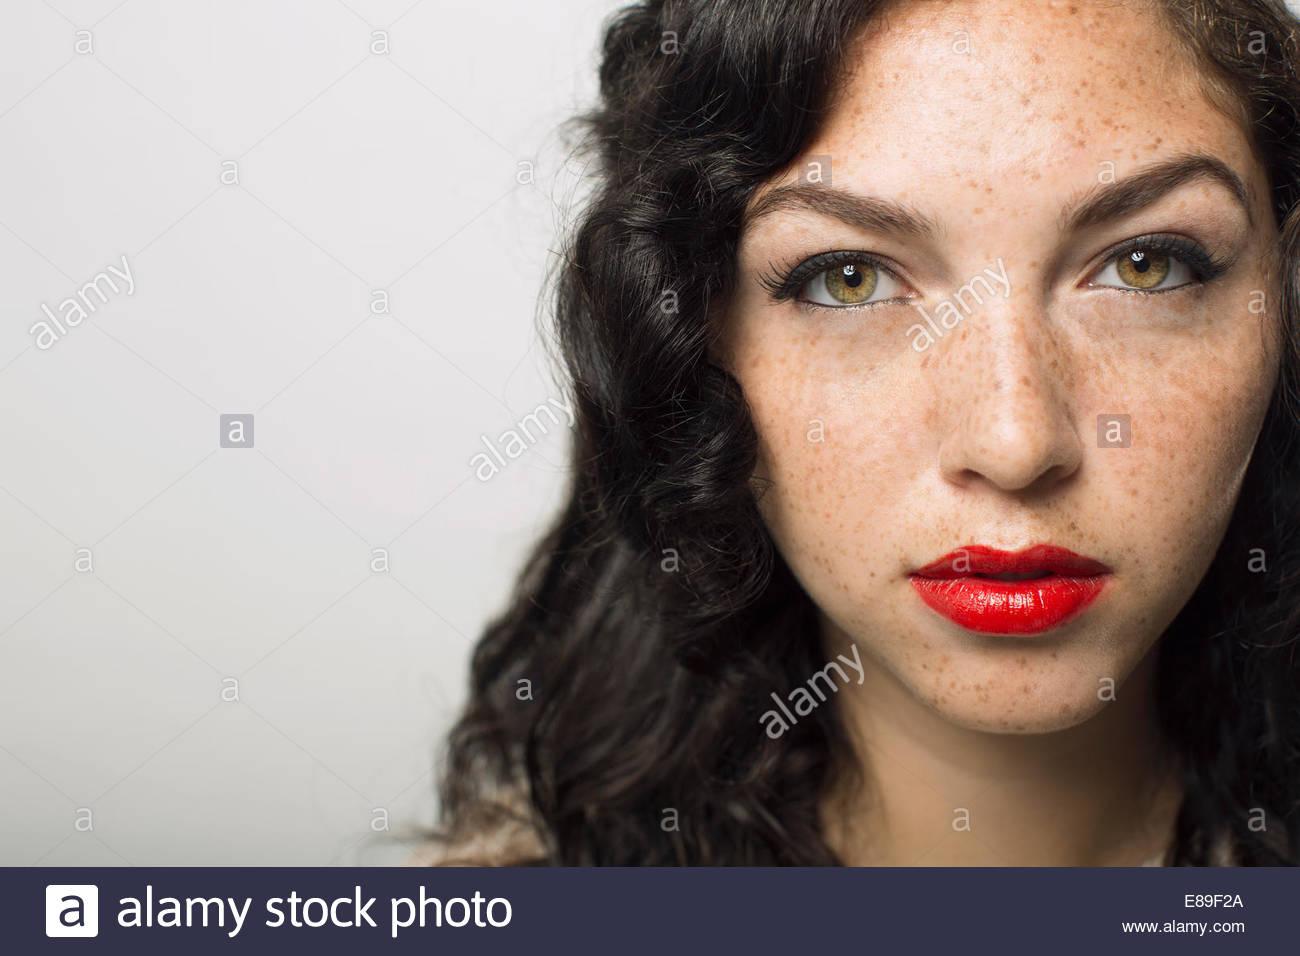 Portrait de femme sérieuse avec rousseur Photo Stock